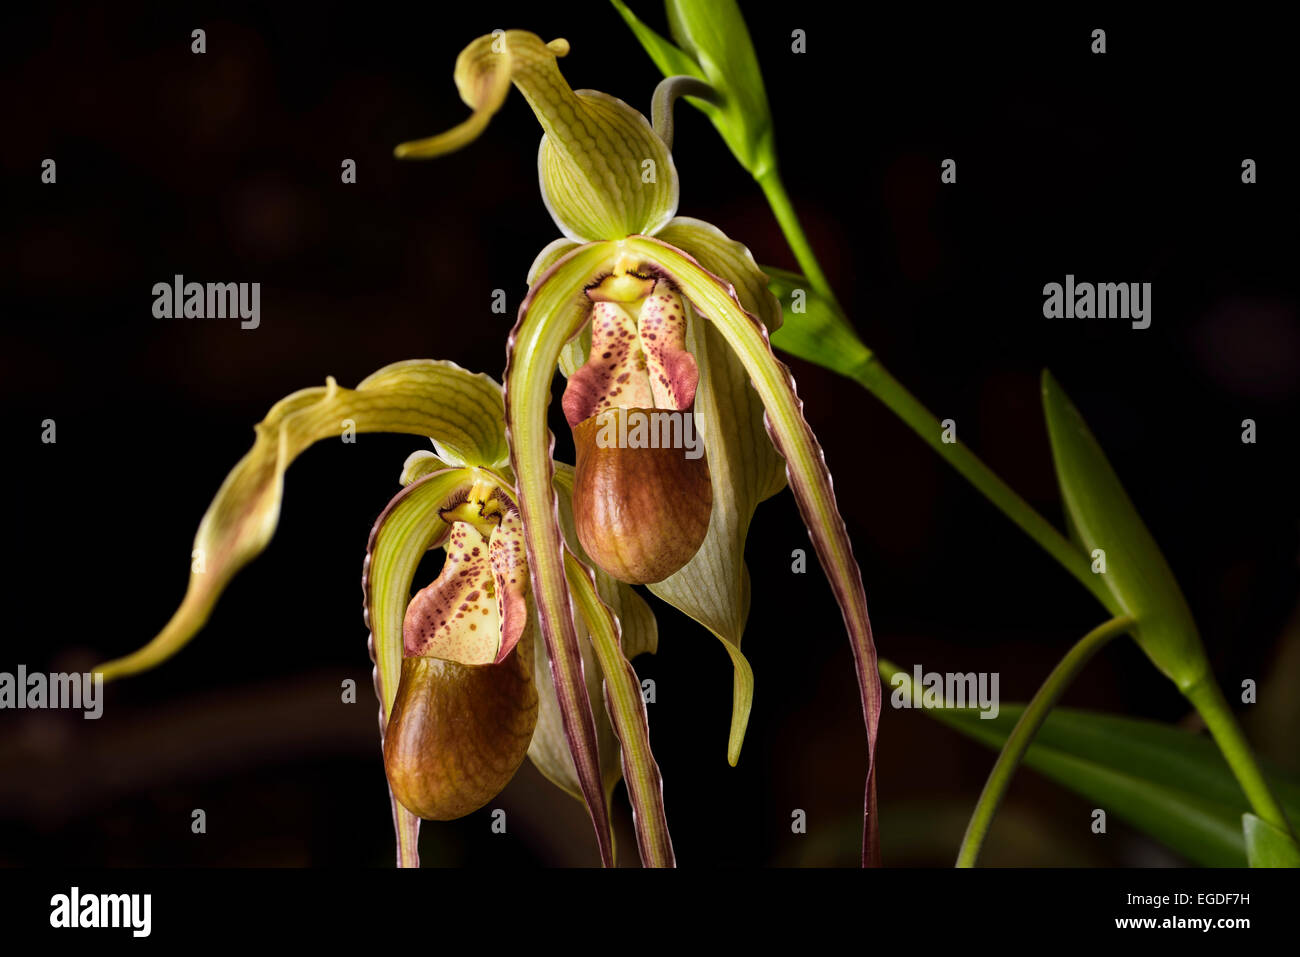 Pétale longue Phragmipedium Grande Macrochilum Lady's Slipper orchidée fleur sur fond noir hybride Photo Stock